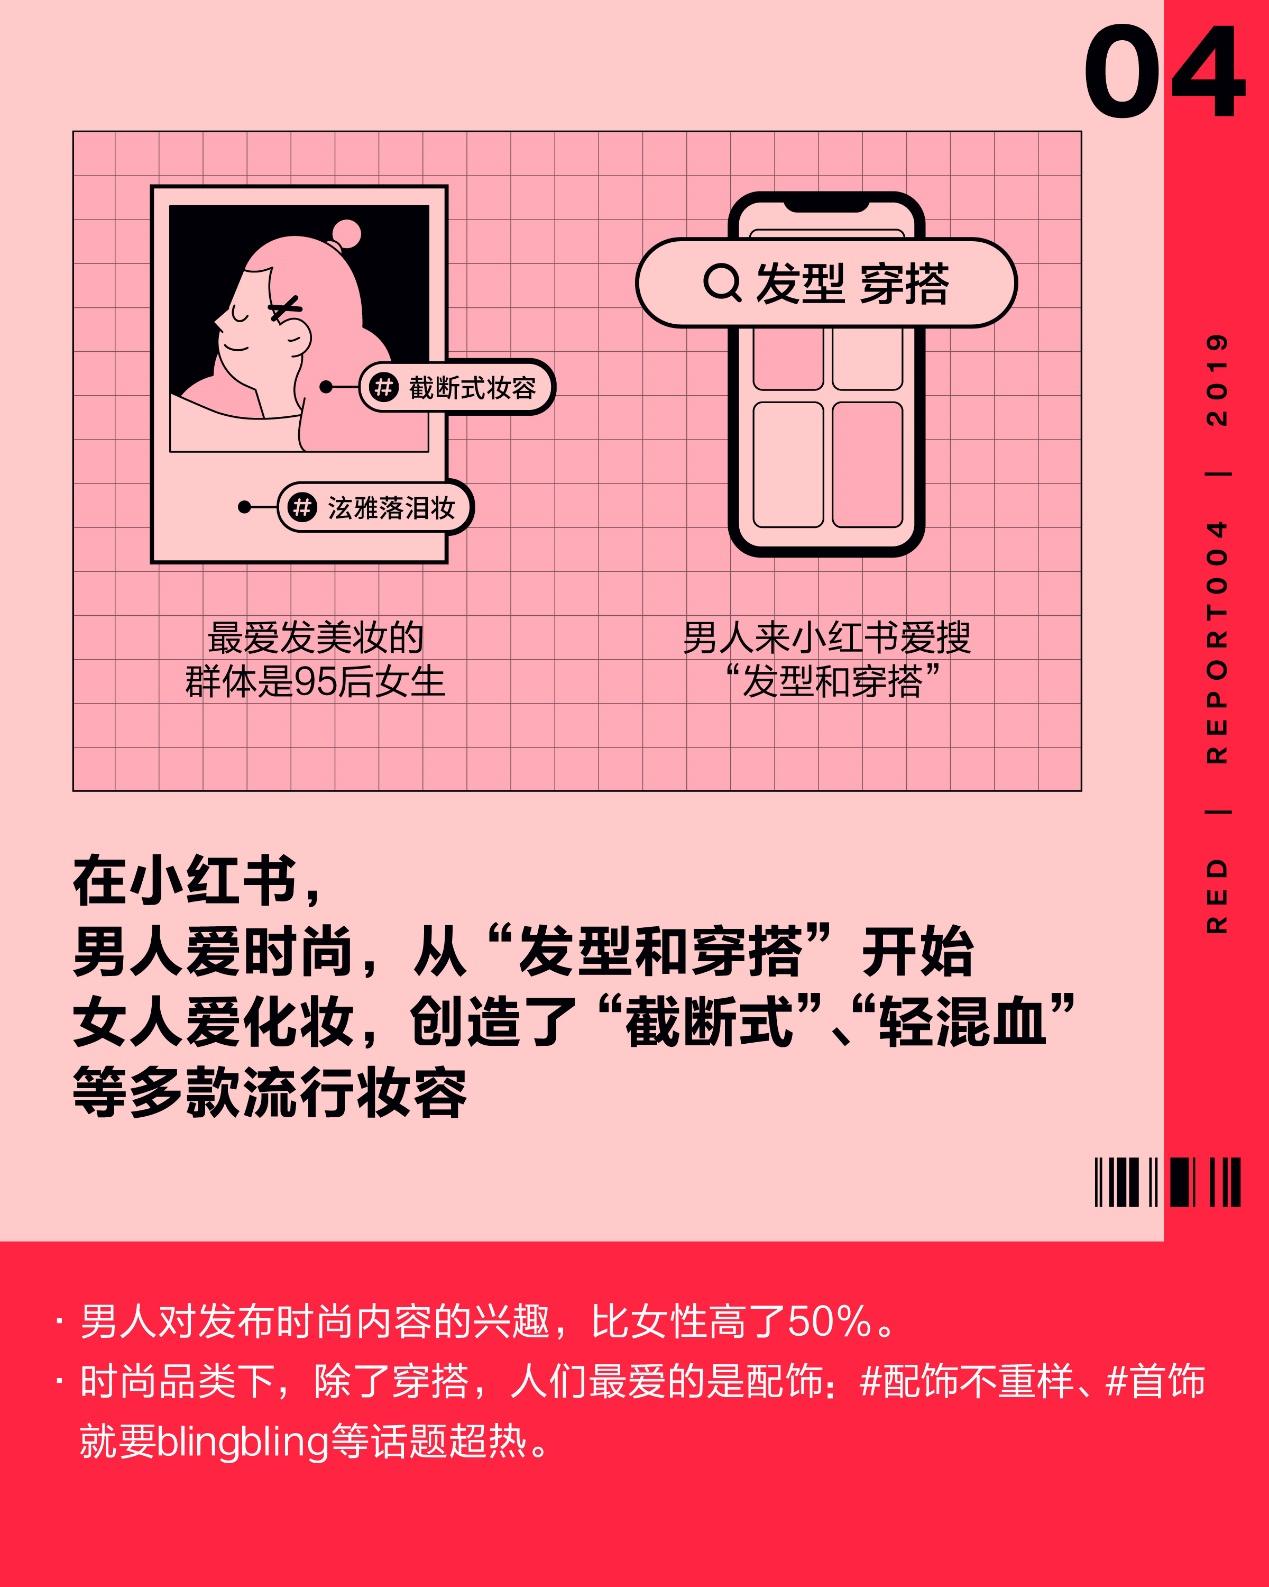 小红书发布《2019年小红书社区趋势报告》,揭示当代男女喜好差异有多大?